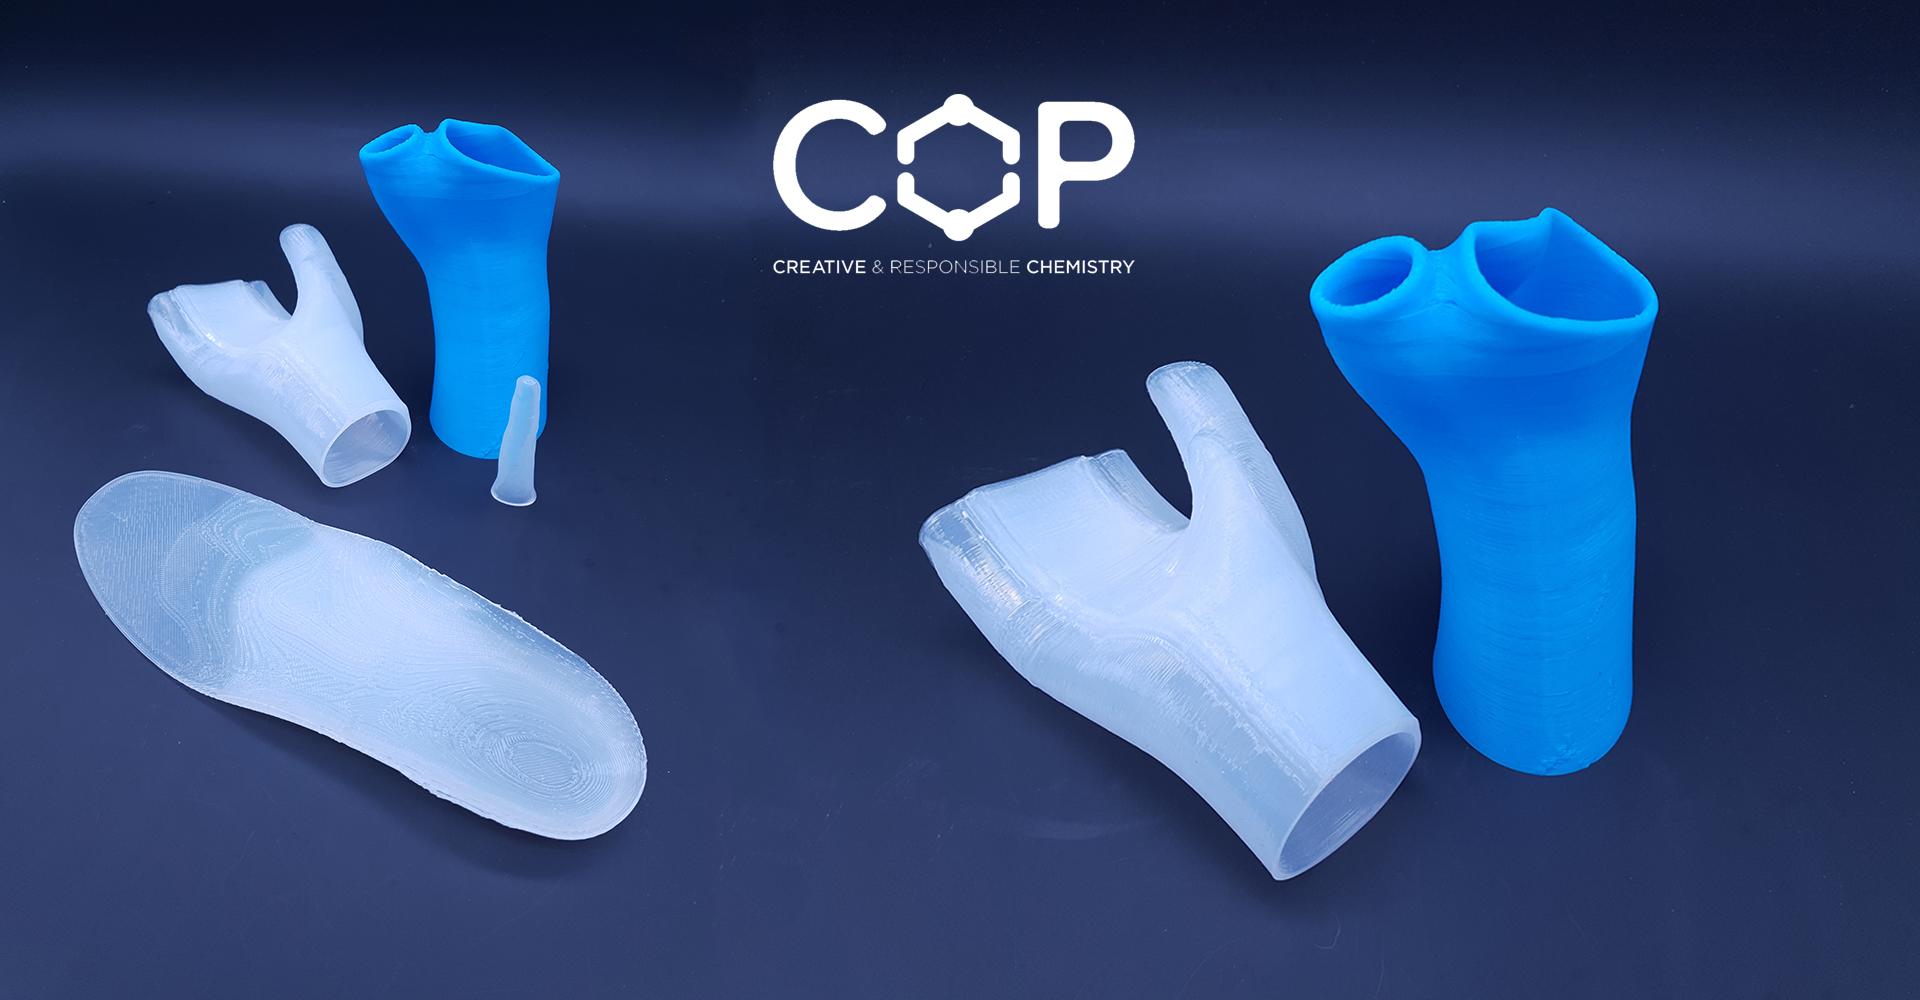 Impression 3D de silicone pour appareillage orthopédique : la chimie durable de COP Chimie